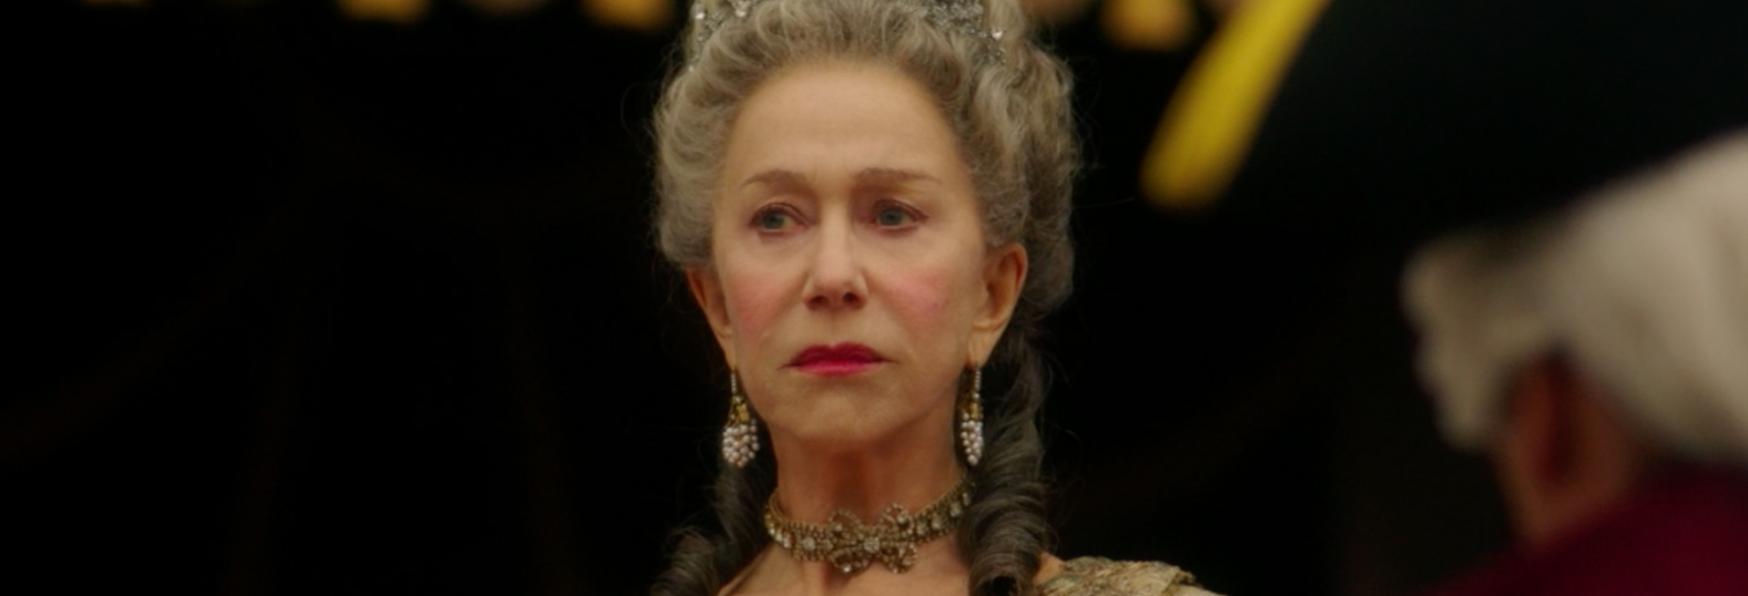 Catherine the Great: rilasciato il Trailer Ufficiale della nuova Serie TV di HBO